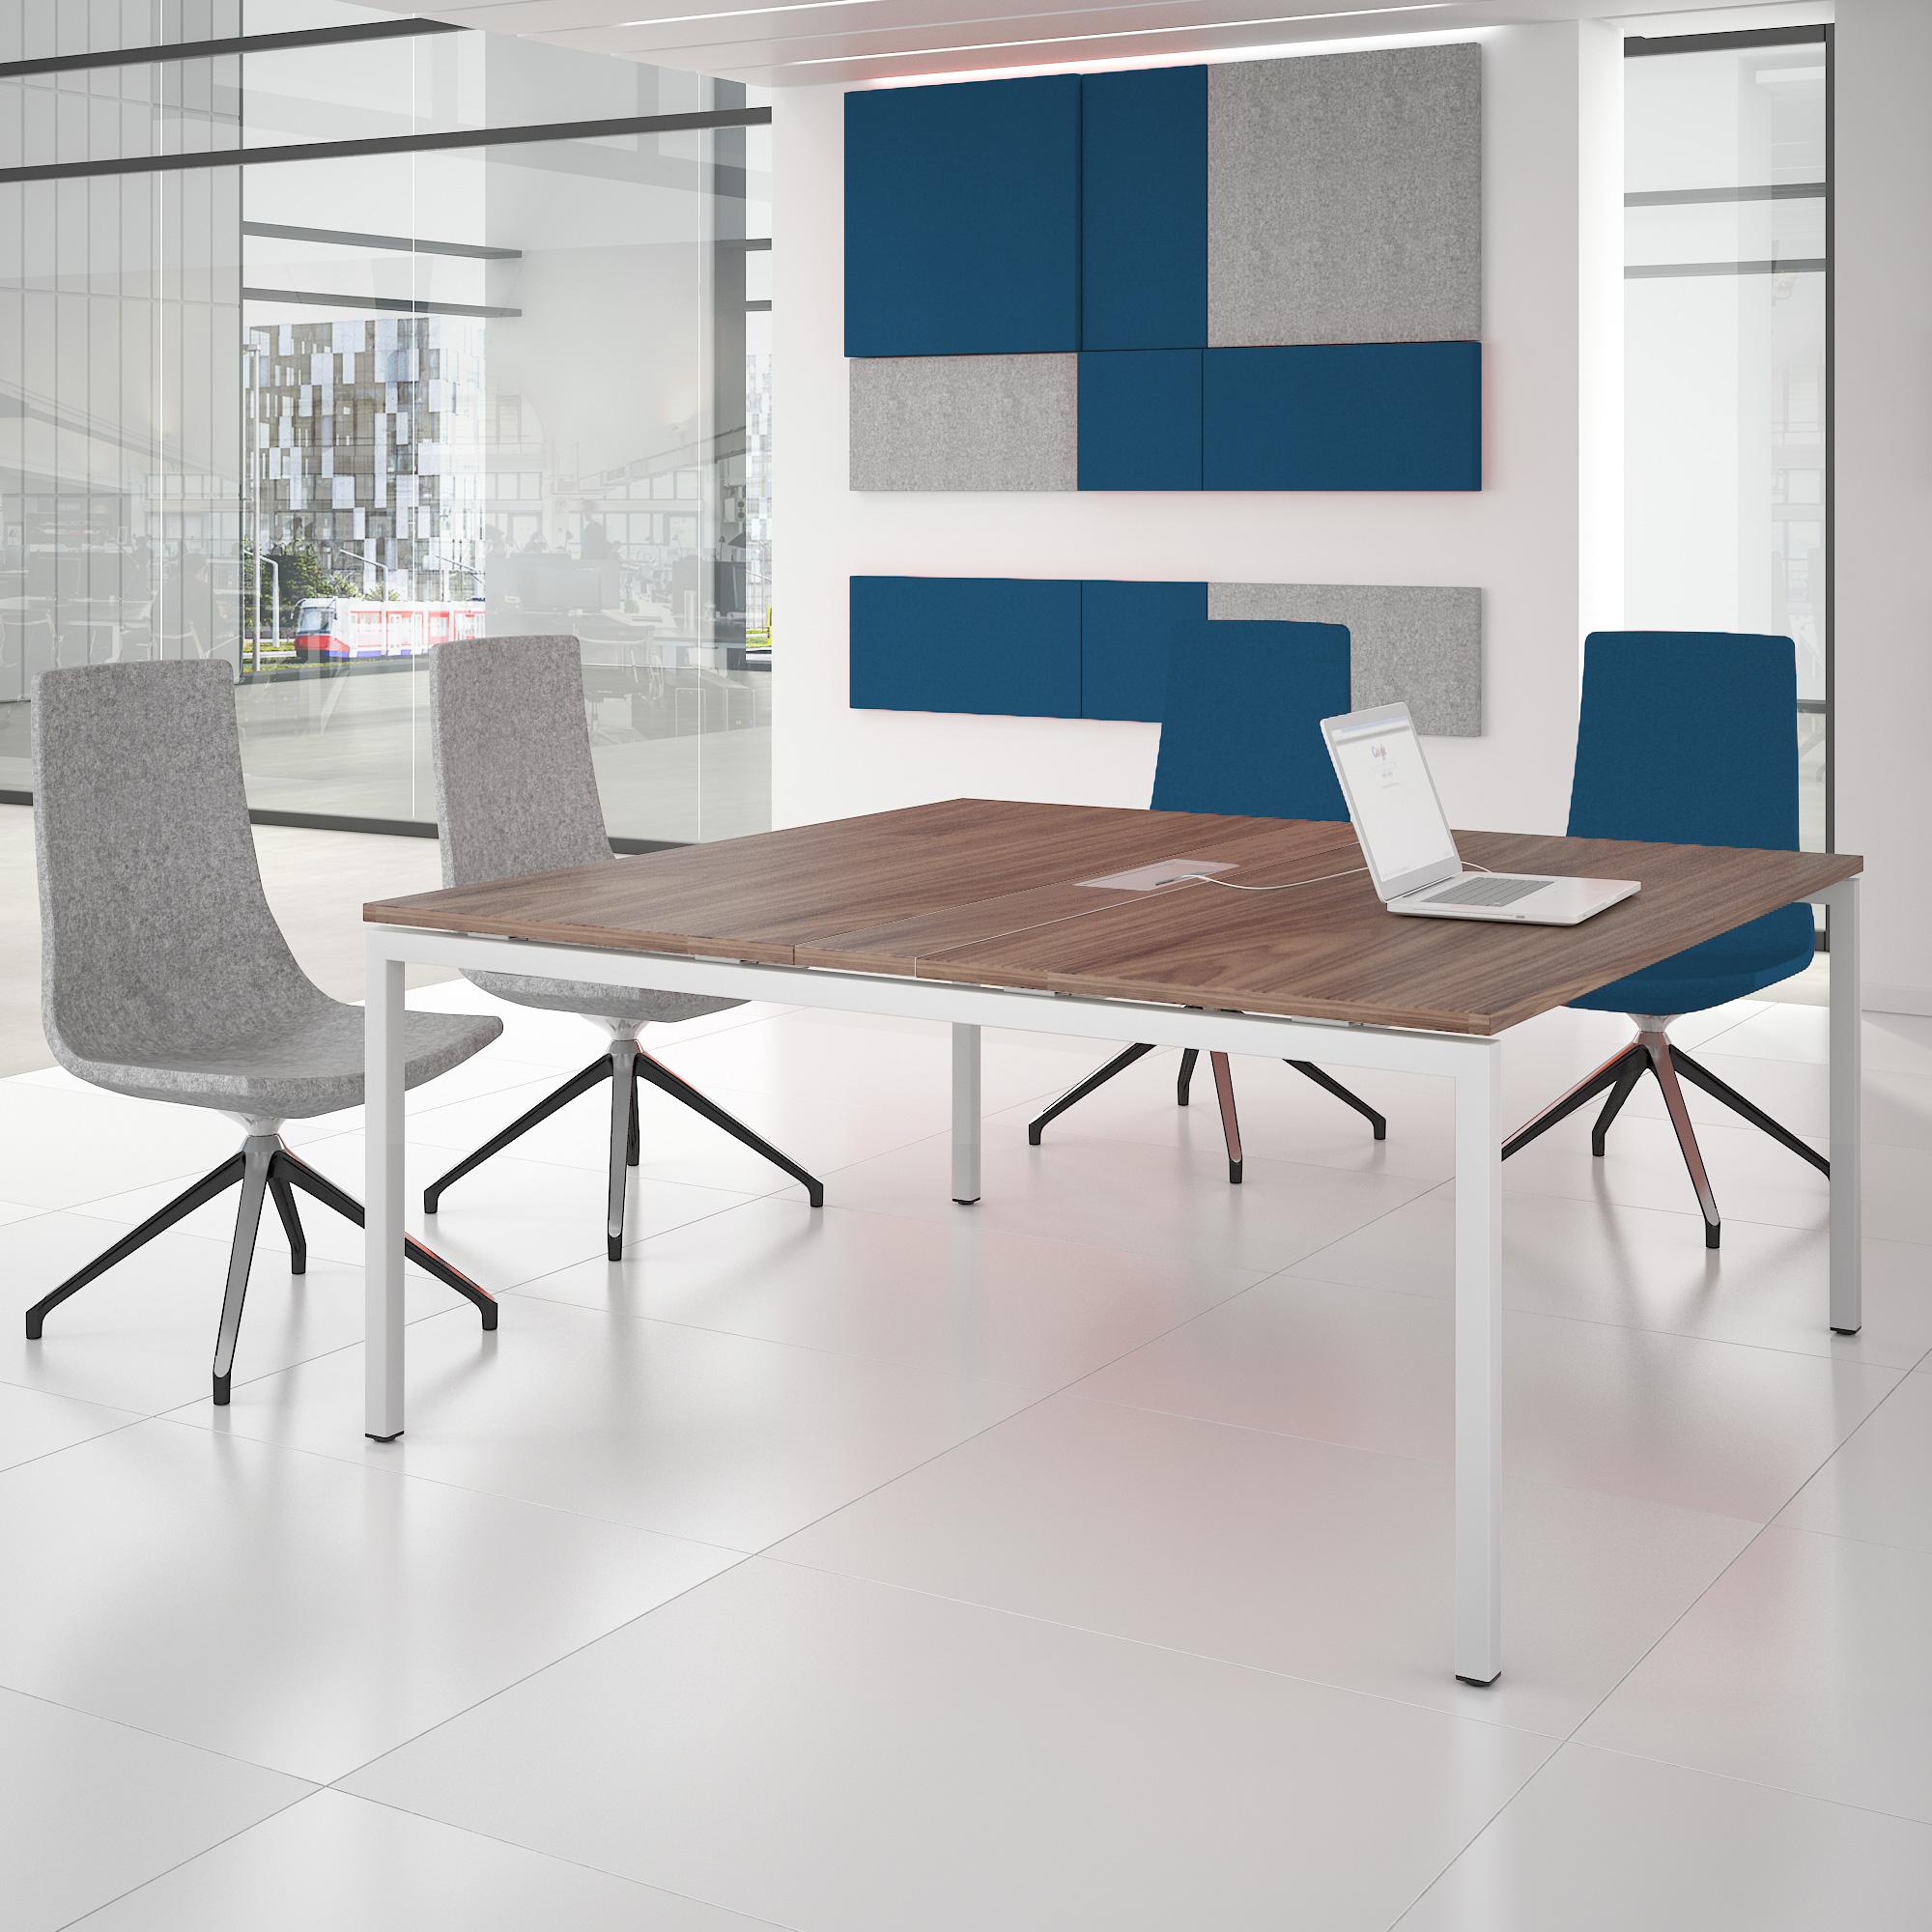 NOVA Konferenztisch 160x164cm Nussbaum mit ELEKTRIFIZIERUNG Besprechungstisch Tisch